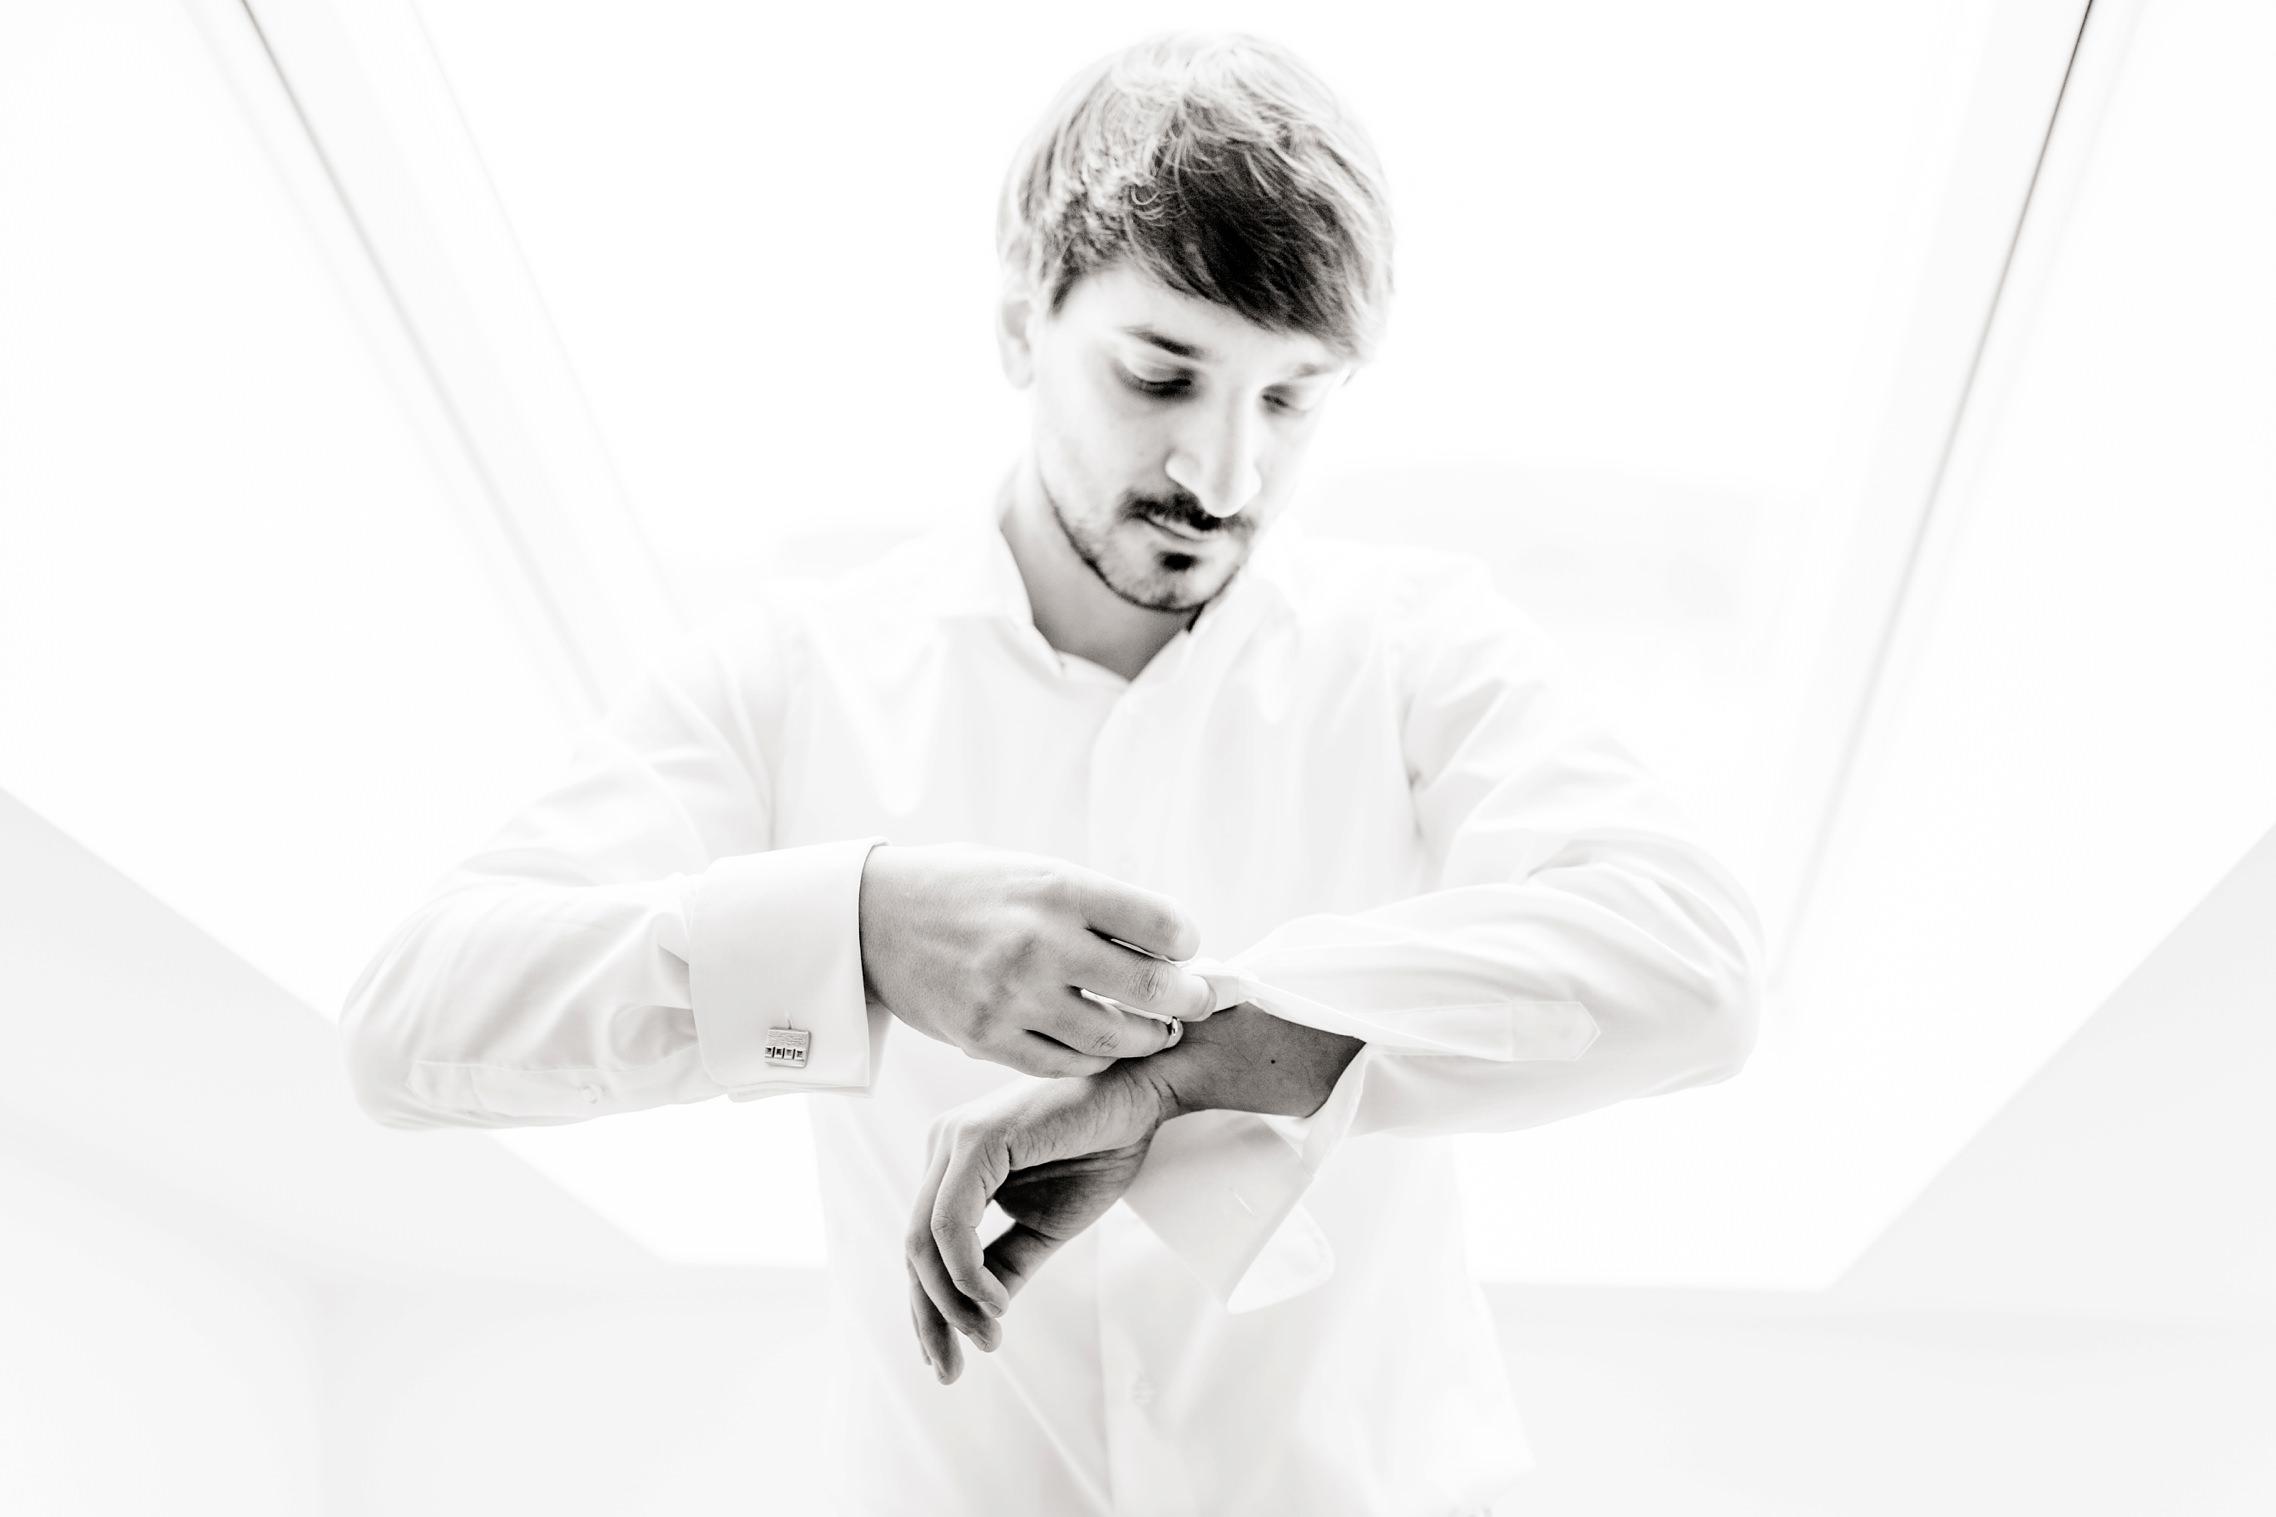 Schwarzweiss-Portrait des Bräutigams, der sich die Manschettenknöpfe anlegt